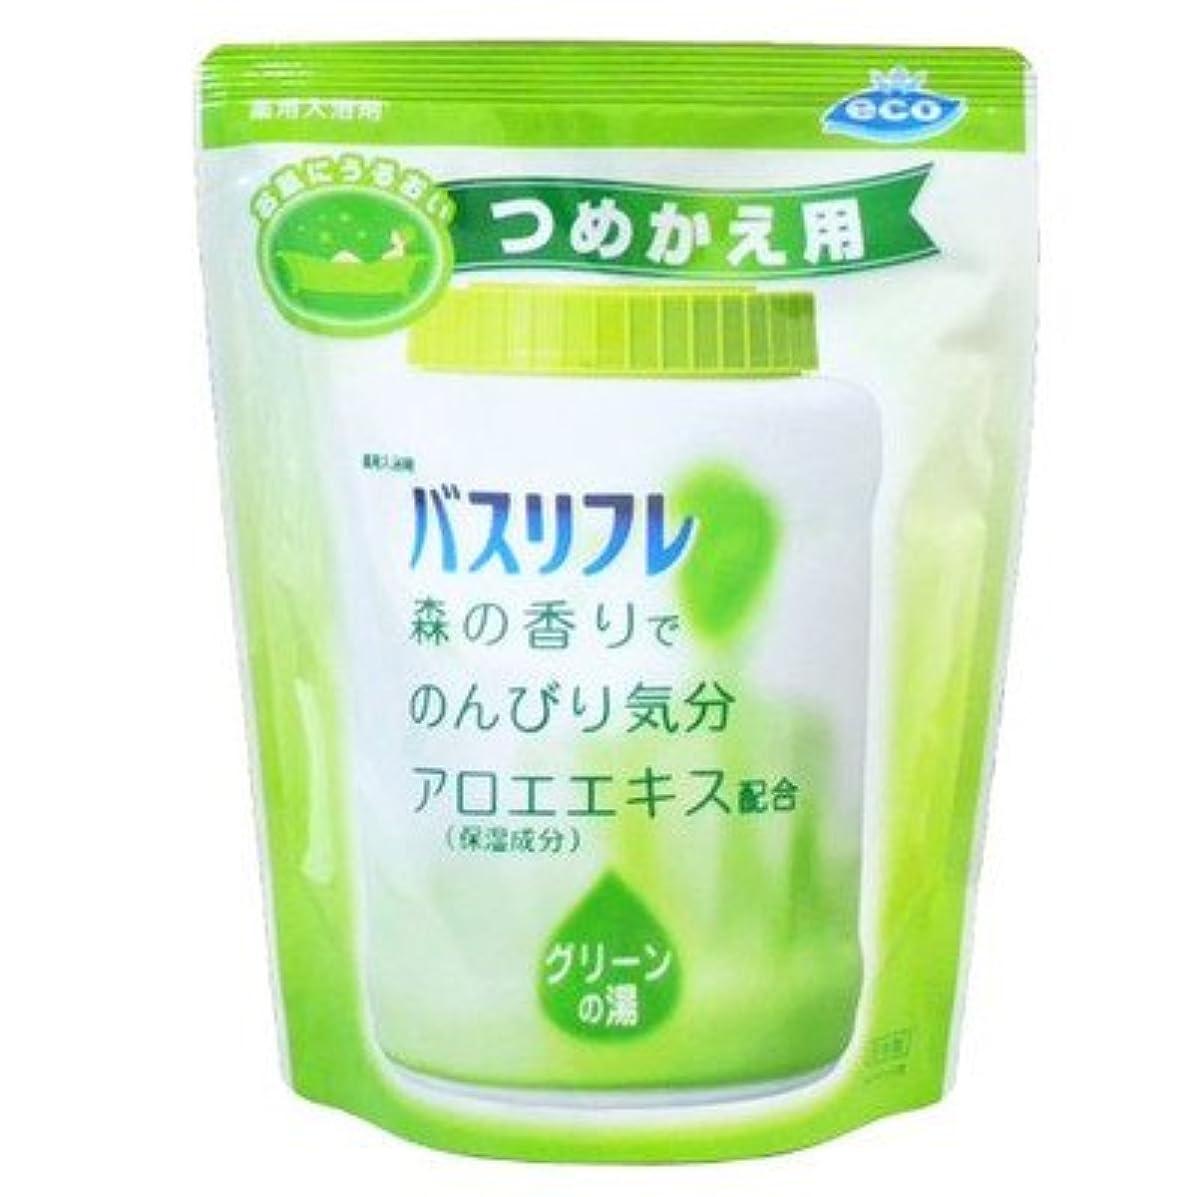 露遠え低い薬用入浴剤 バスリフレ グリーンの湯 つめかえ用 540g 森の香り (ライオンケミカル)